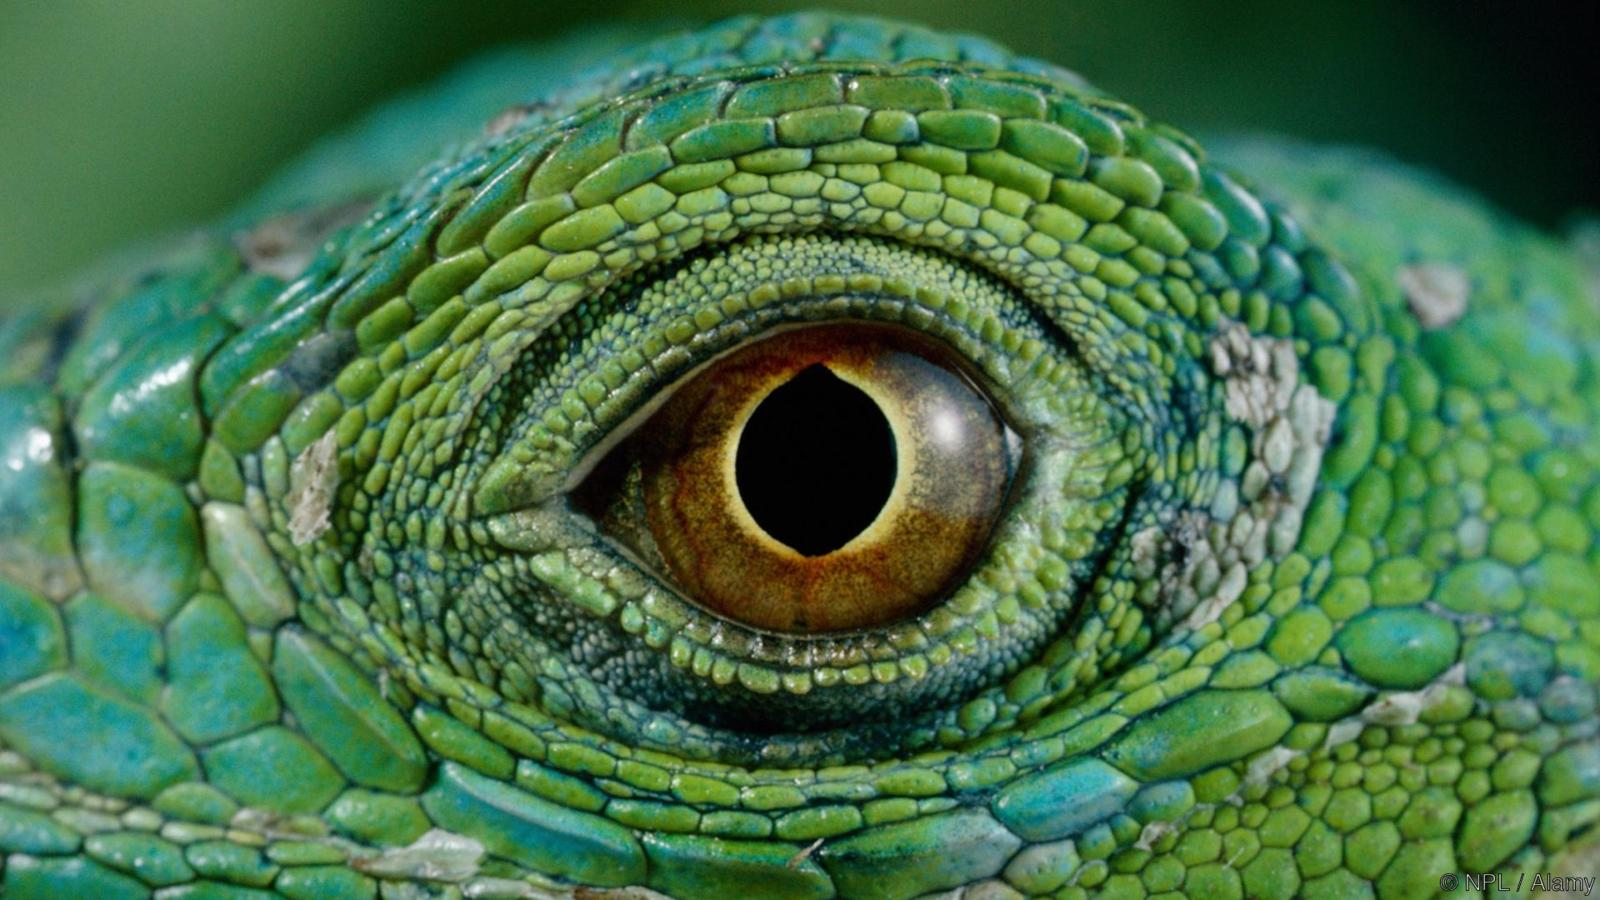 Close up of eye of Common green iguana (Iguana iguana)